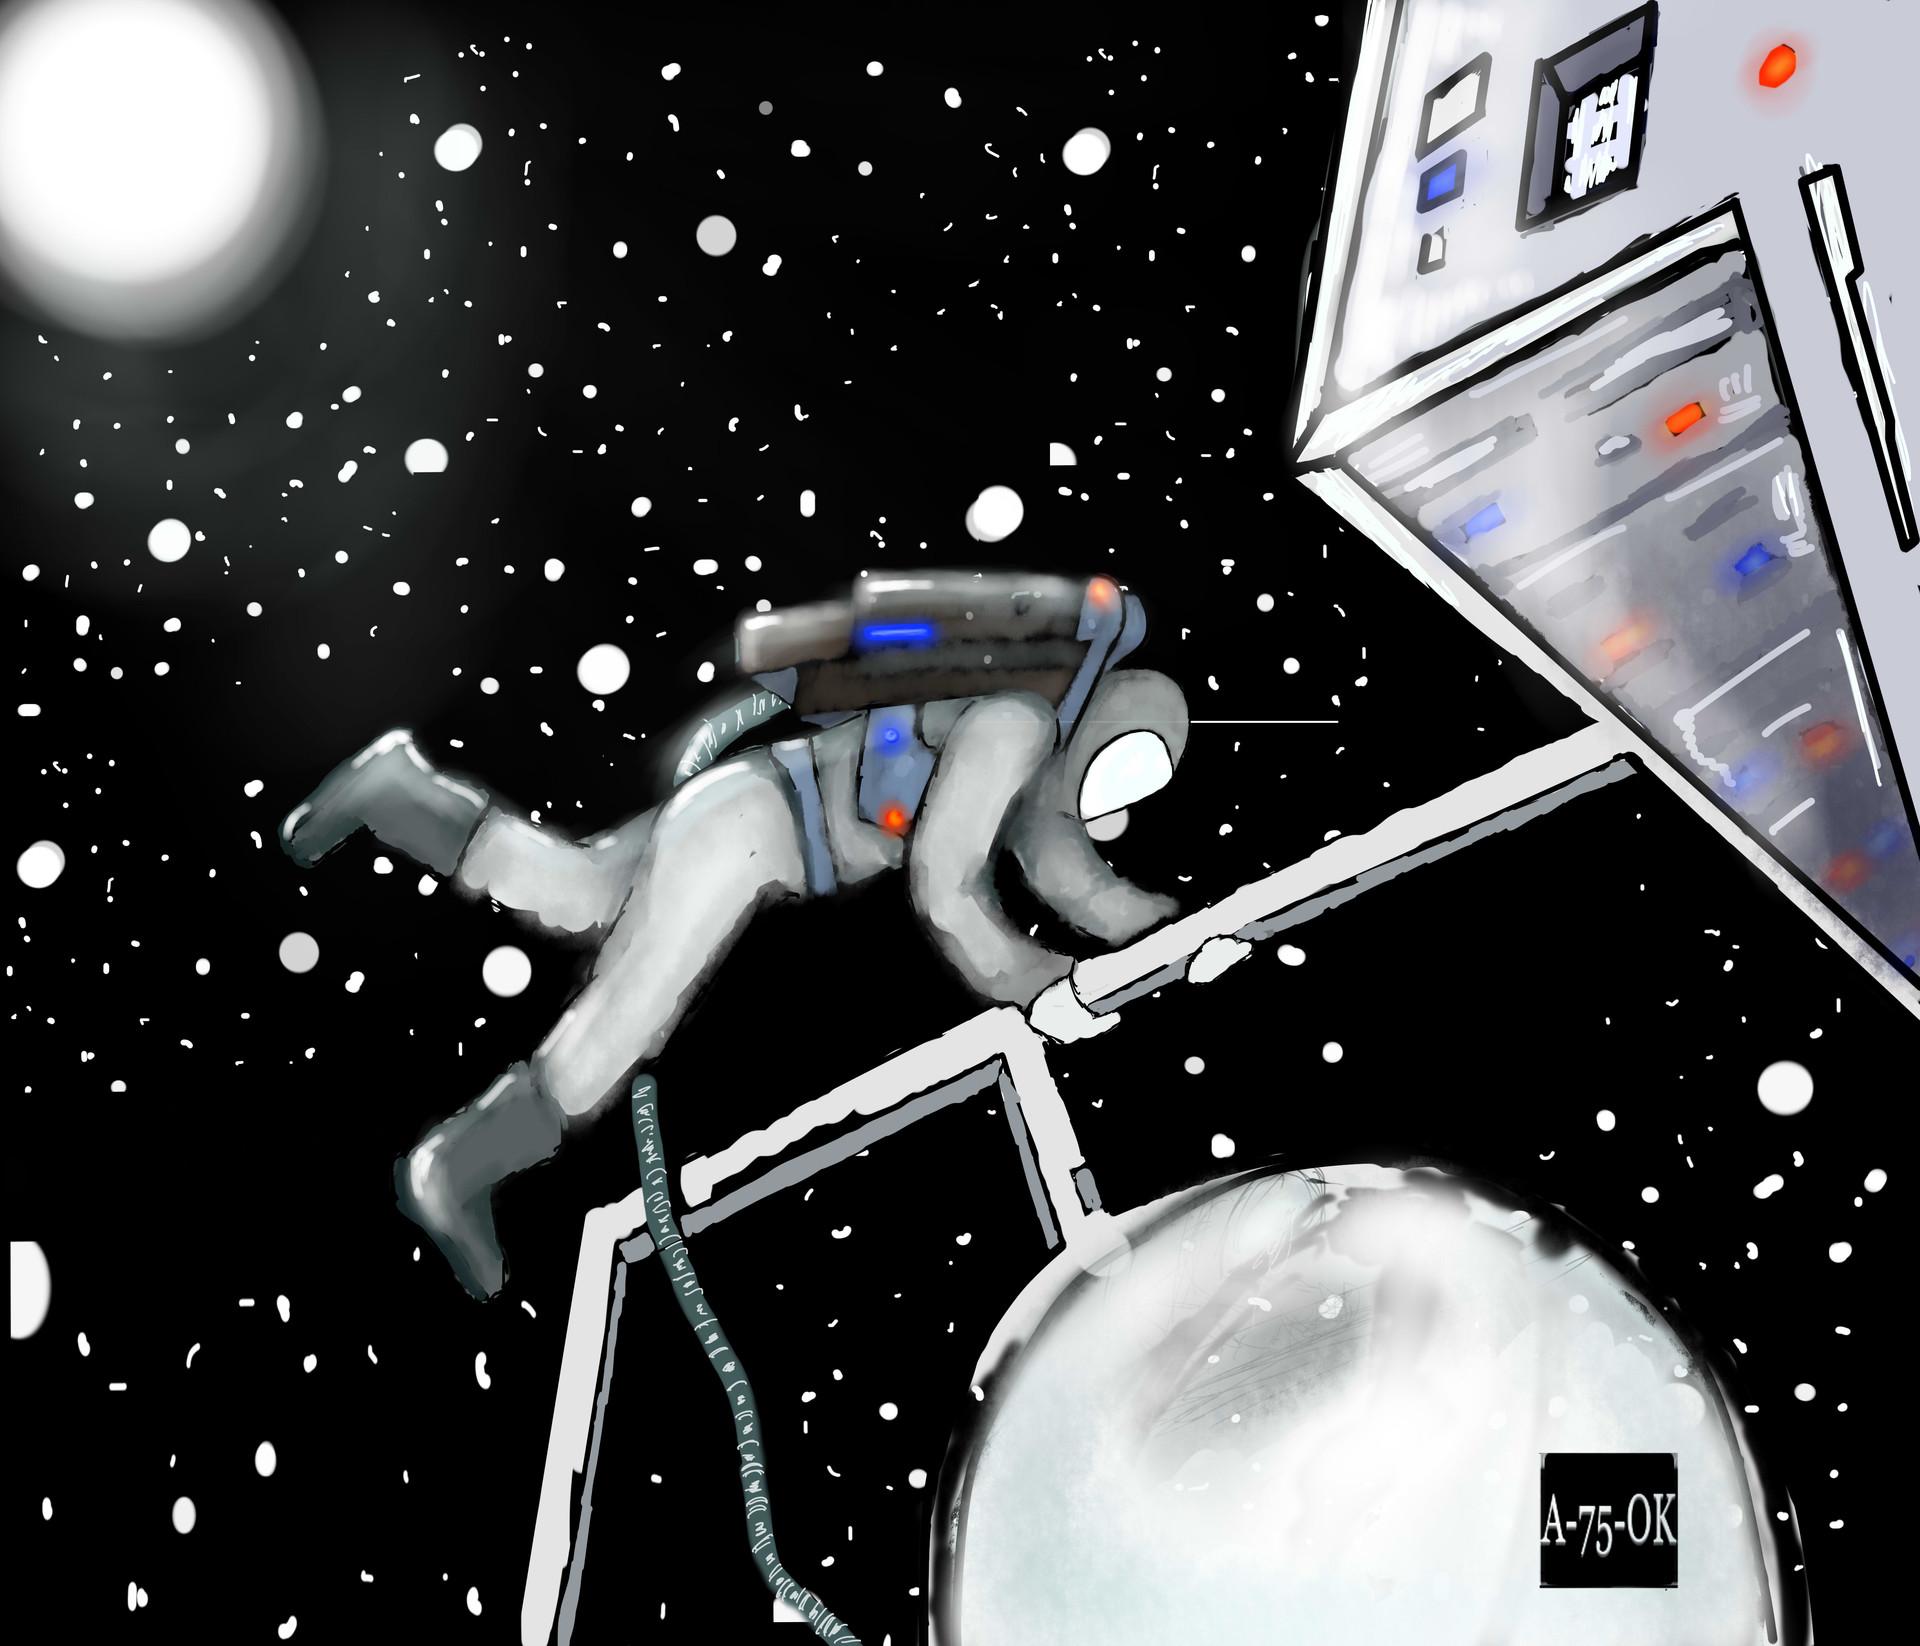 Antonio reyes nuno en el espacio